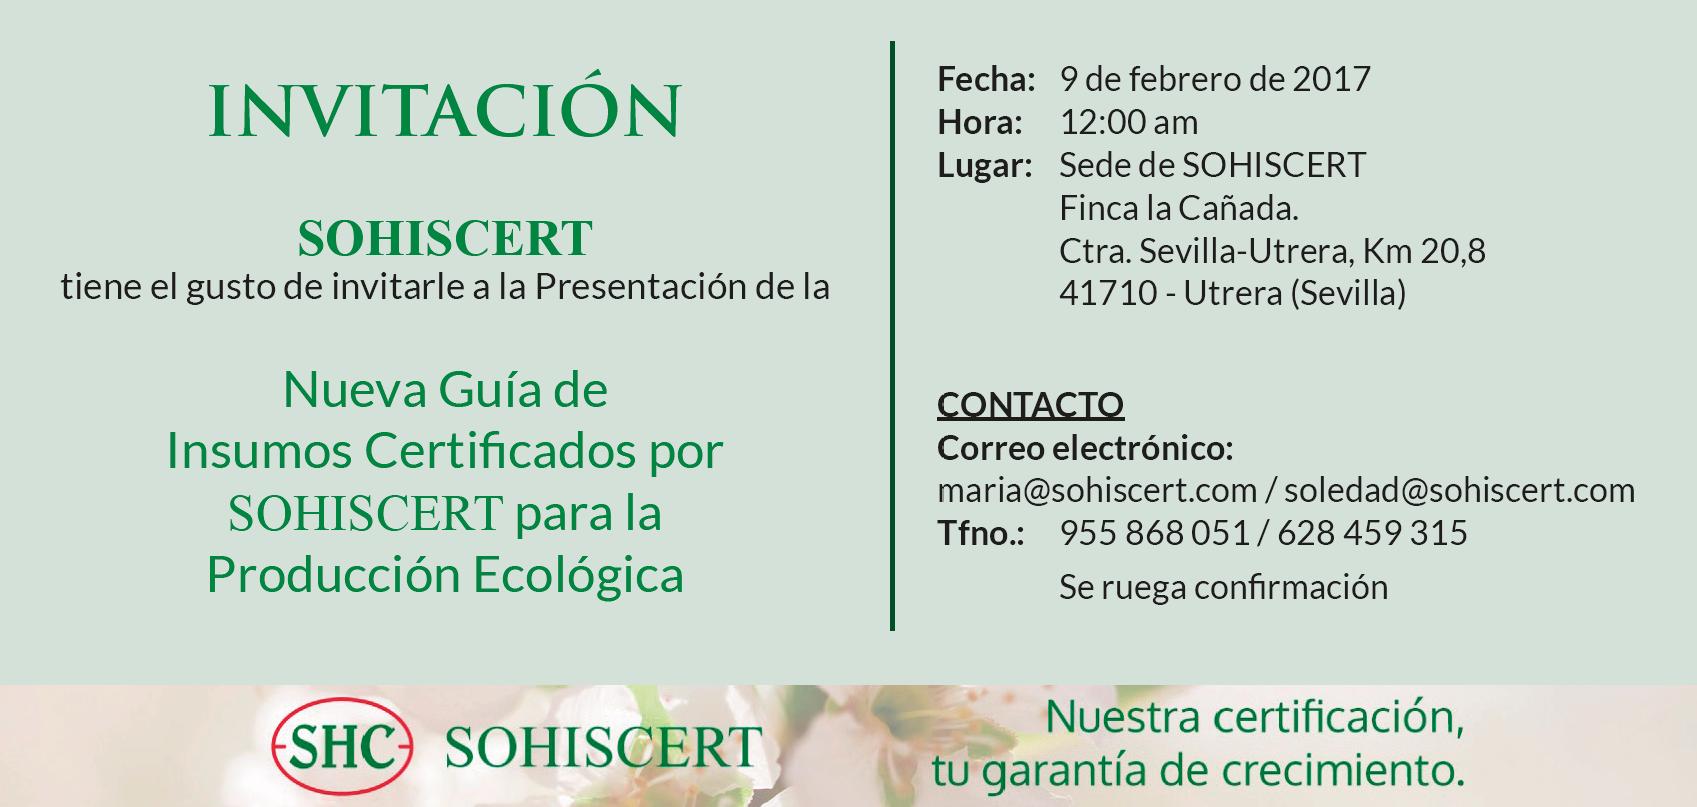 INVITACIÓN PRESENTACIÓN GUÍA DE INSUMOS